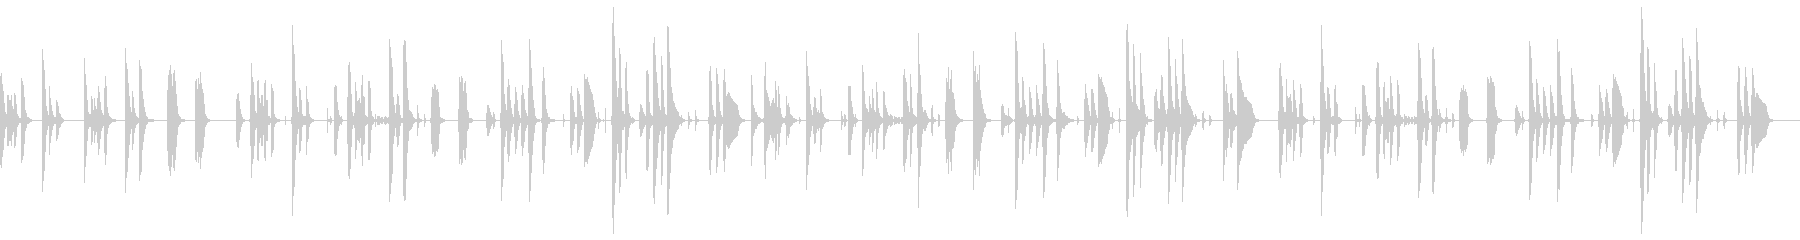 脱力感のあるほのぼの日常の未再生の波形